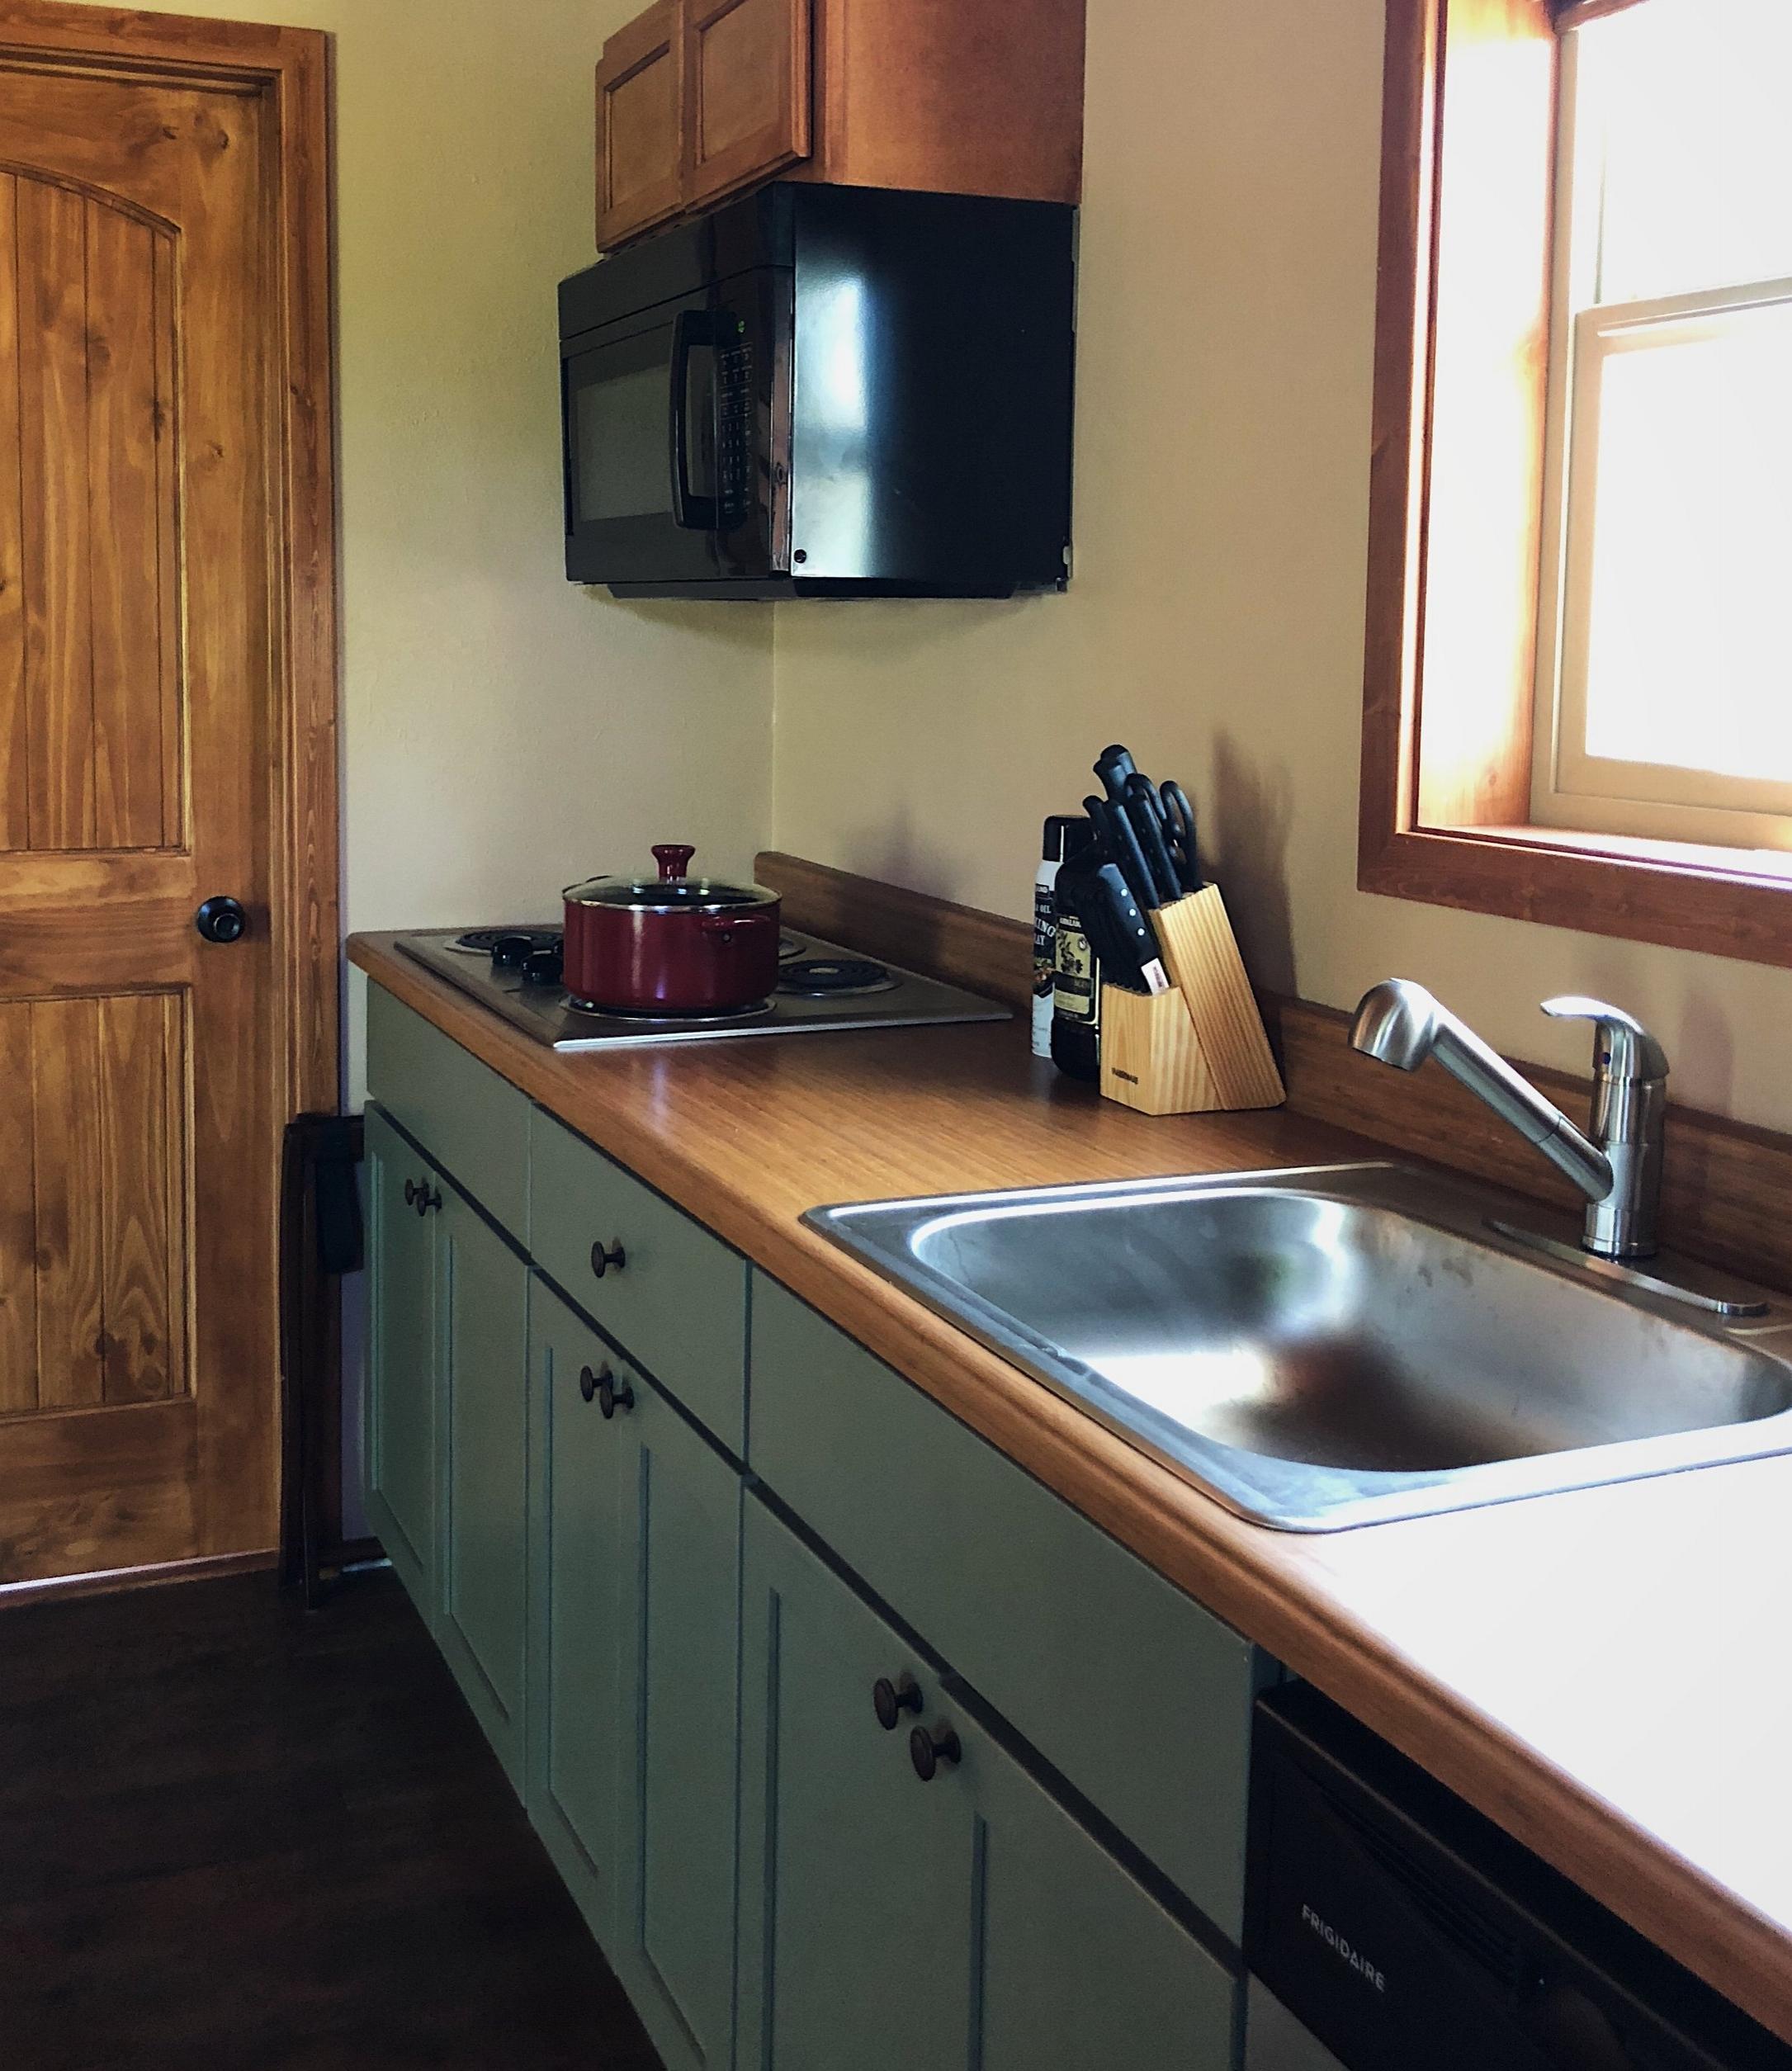 Kitchens & Kitchenettes